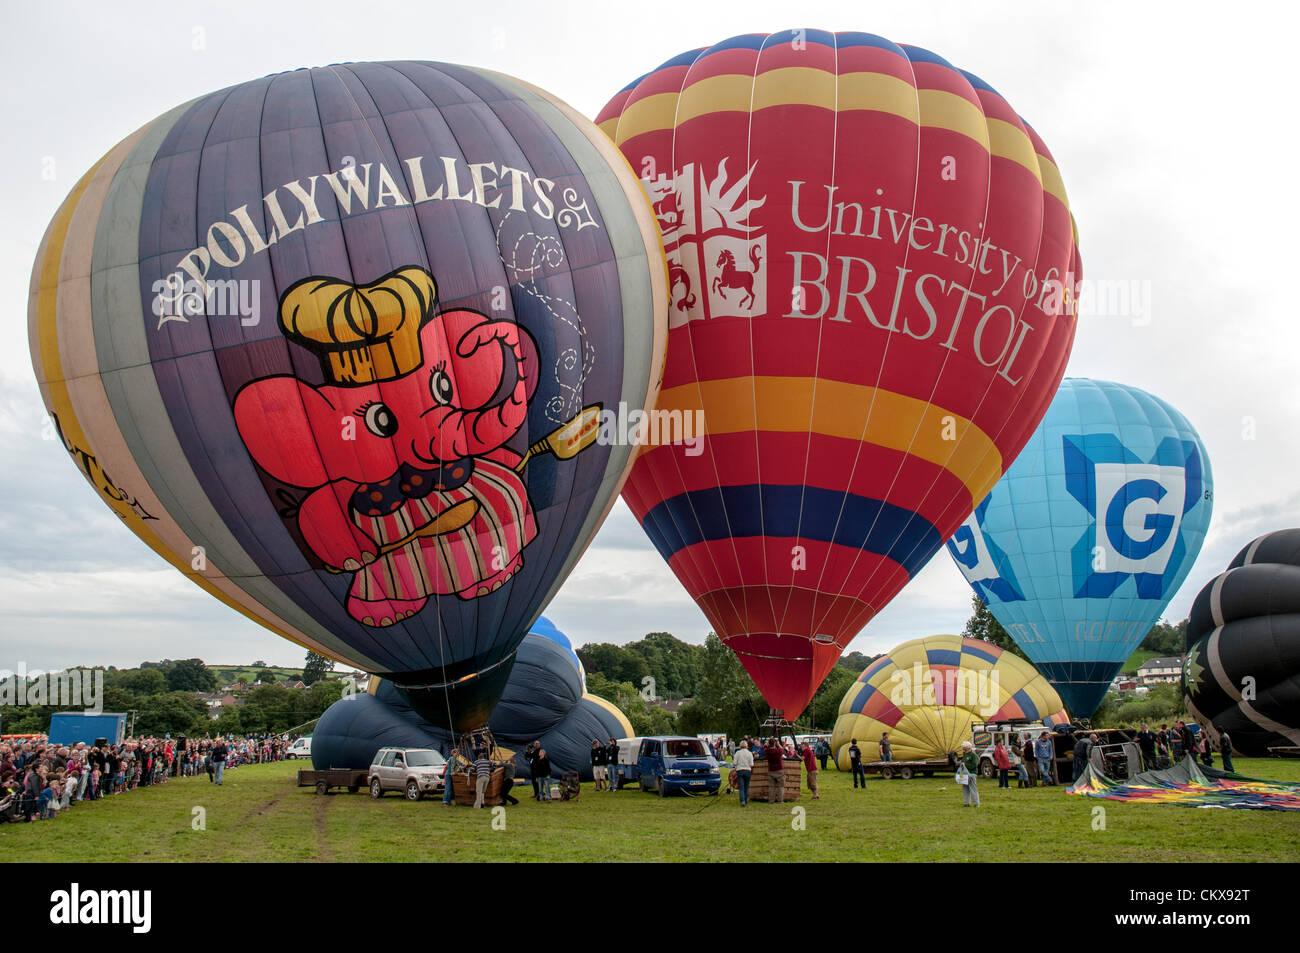 El 26 de agosto de 2012. El G-POLI, 1978 Cameron N-77 Pollywallets ballon Cameron-Z Series (Reino Unido) (Gottex) (Z-90) (G-CCNN) globo y John Harris (G-CDWD) de la Universidad de Bristol globo está preparado para su lanzamiento en el festival de globos en Tiverton en Tiverton, Devon, Reino Unido. Foto de stock